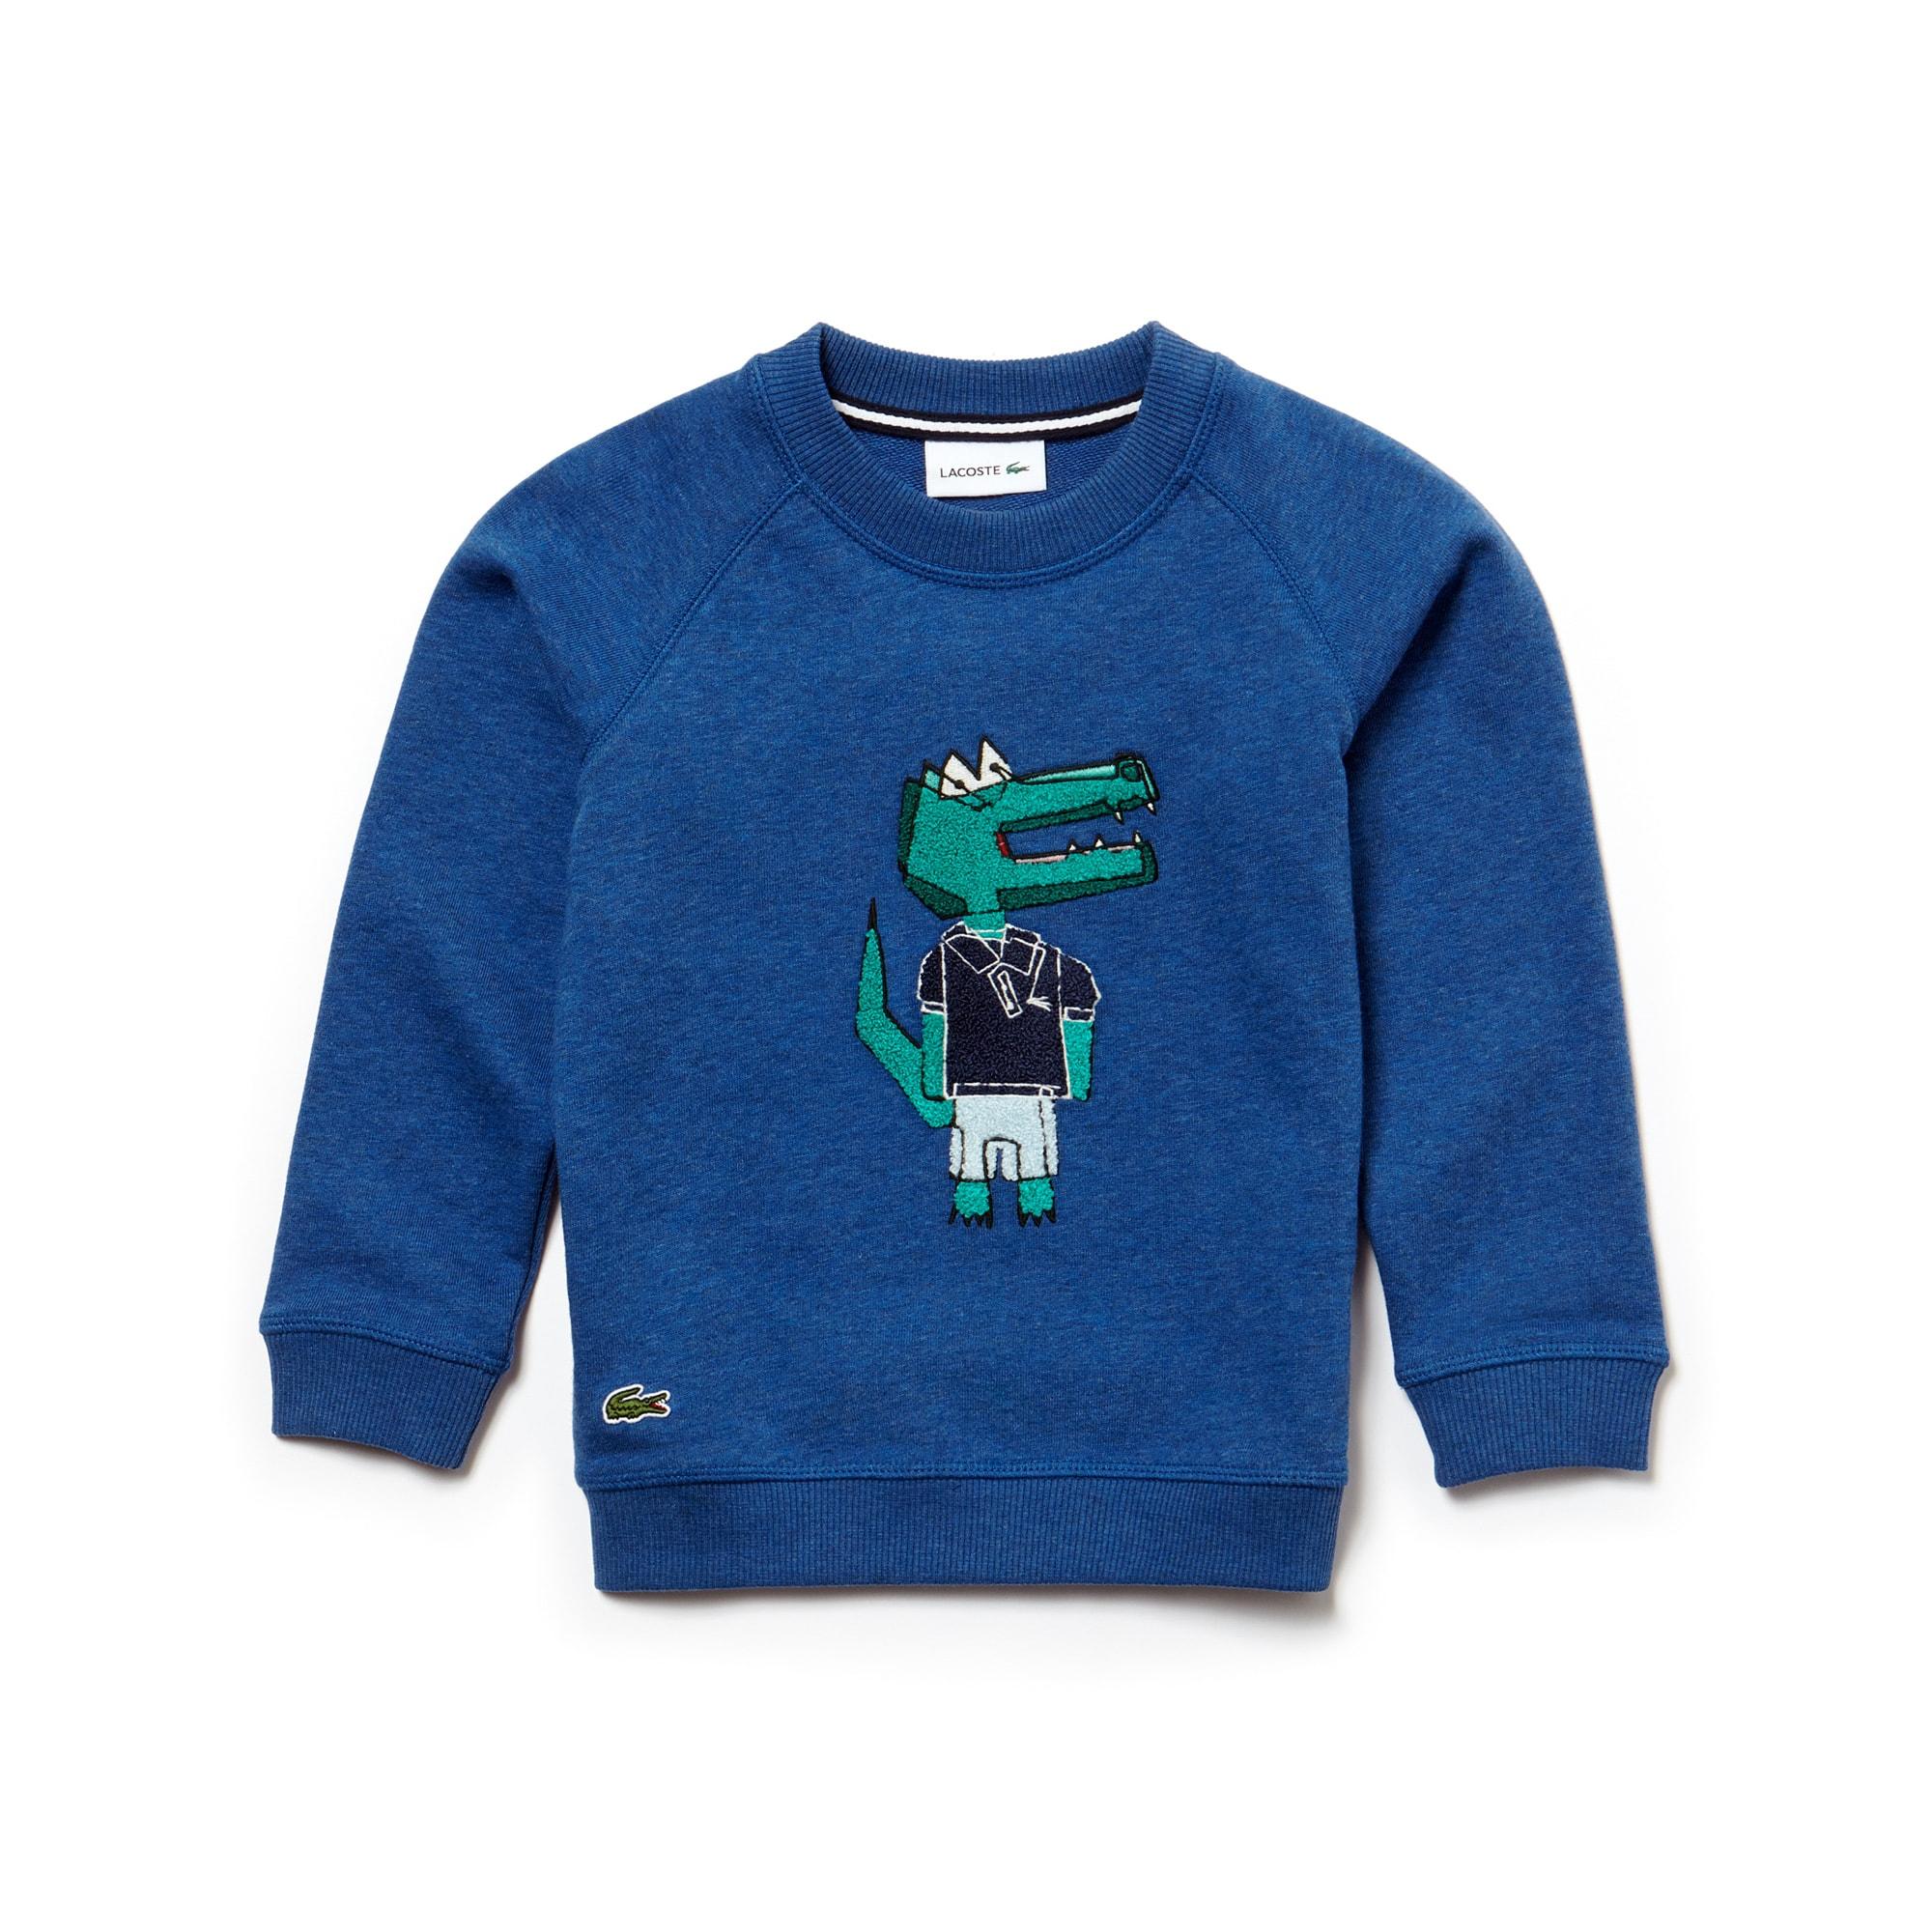 Boys' Crocodile Indigo Sweatshirt